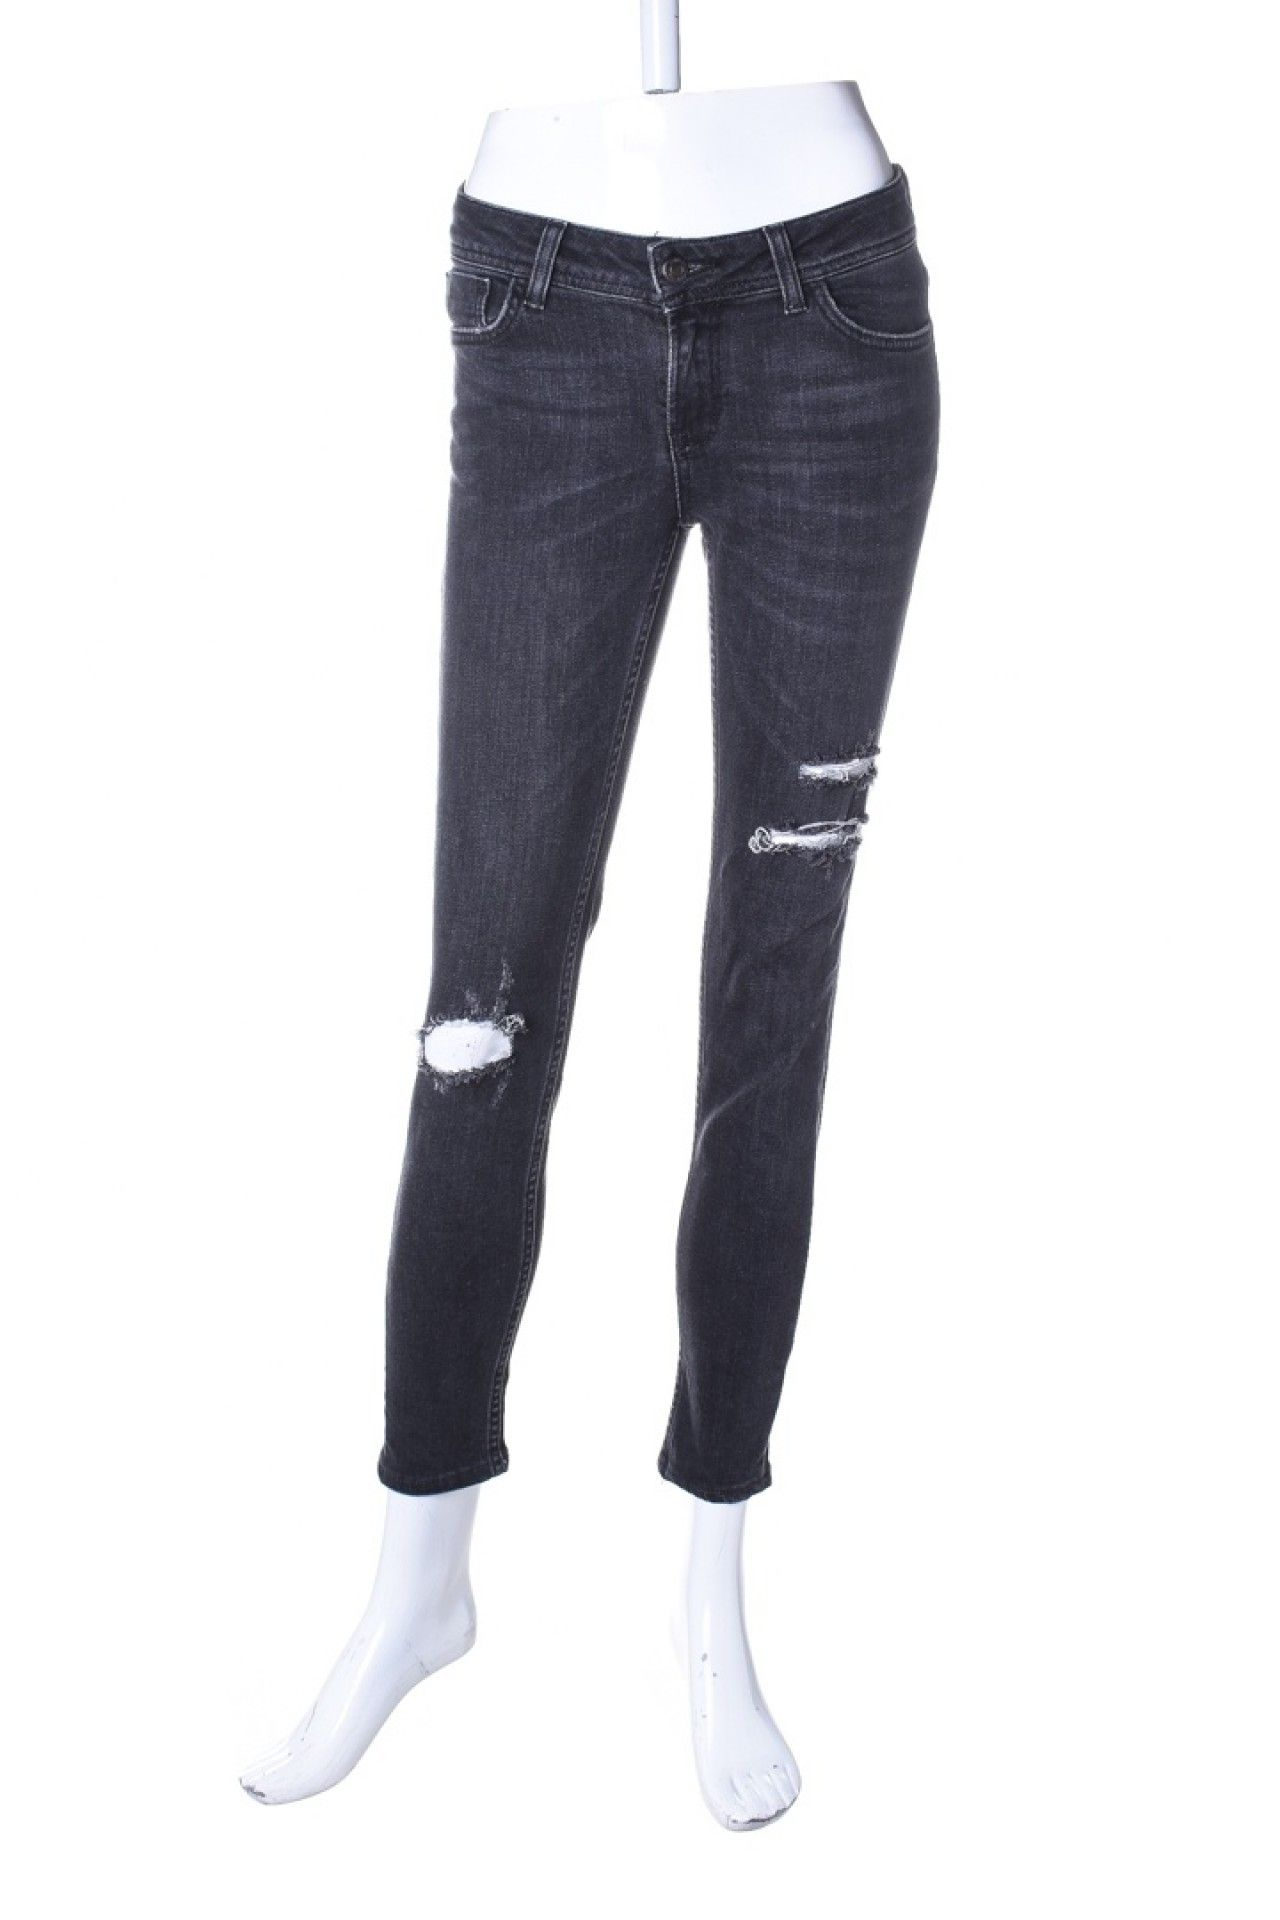 Zara - Calça Jeans Preta  - Foto 1